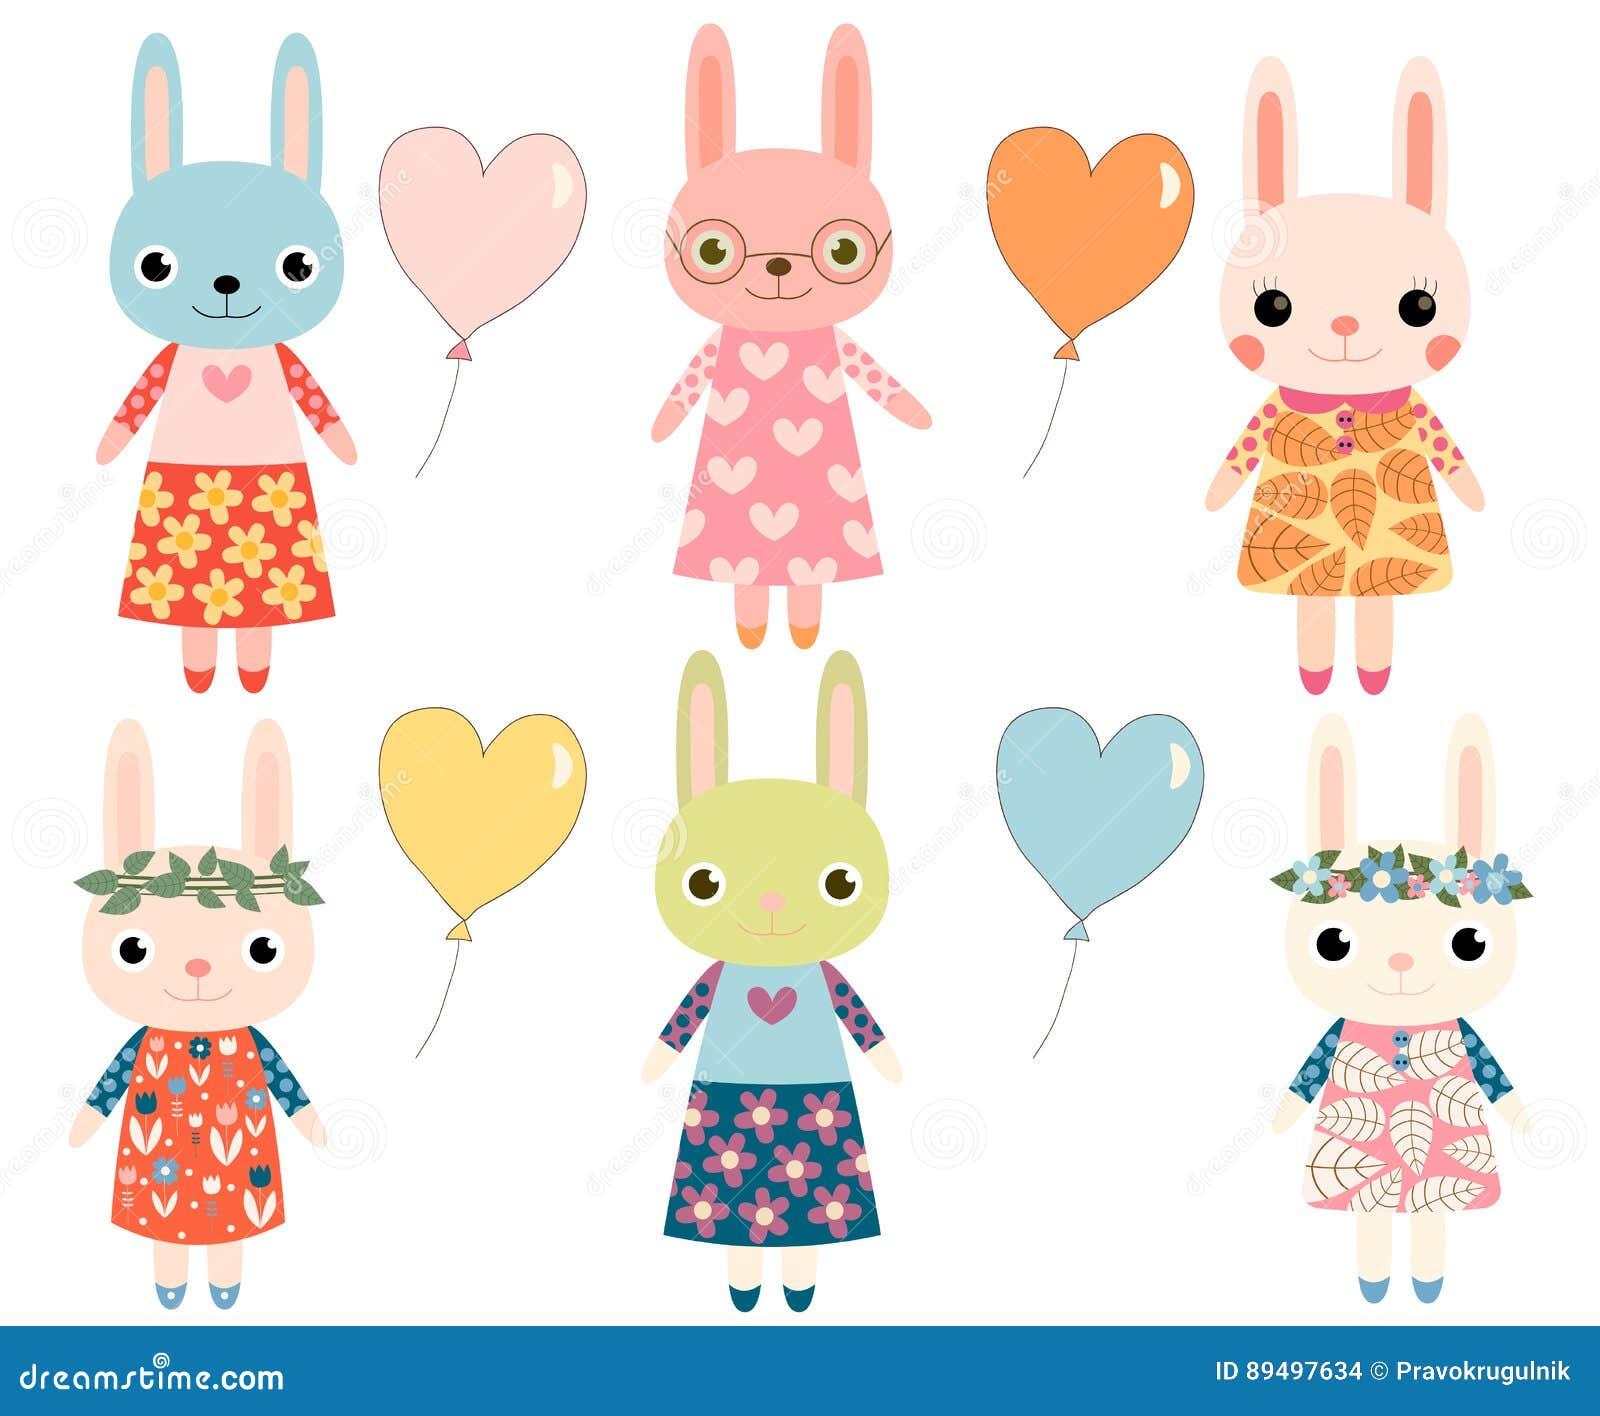 Coelhos Coloridos Bonitos Ilustracao Do Vetor Ilustracao De Bunny